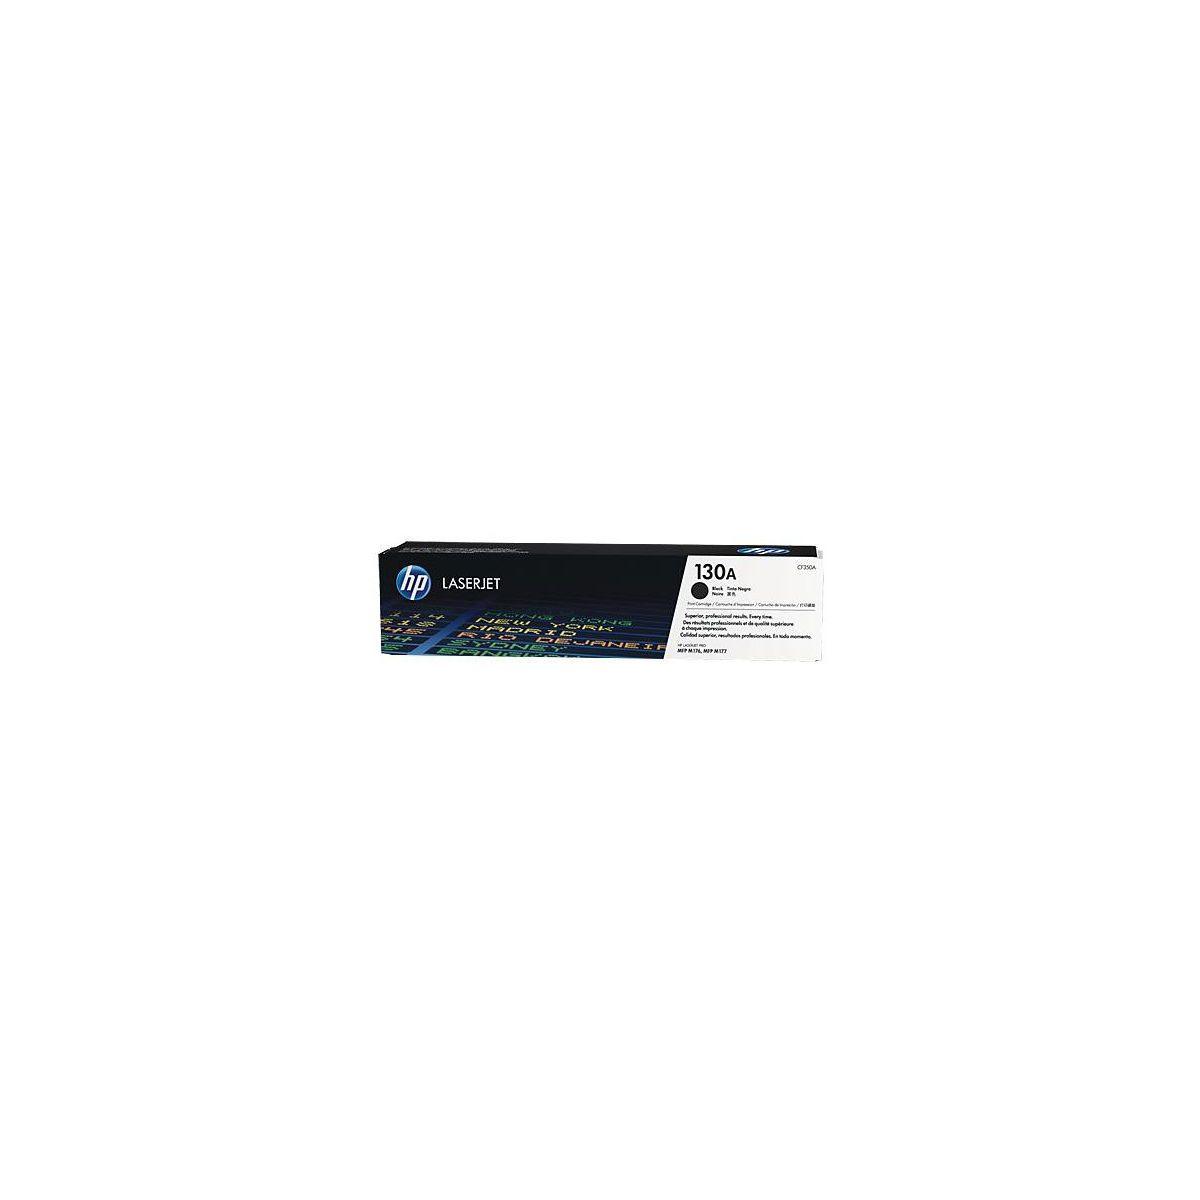 Toner hp 130 a noir - 2% de remise imm�diate avec le code : deal2